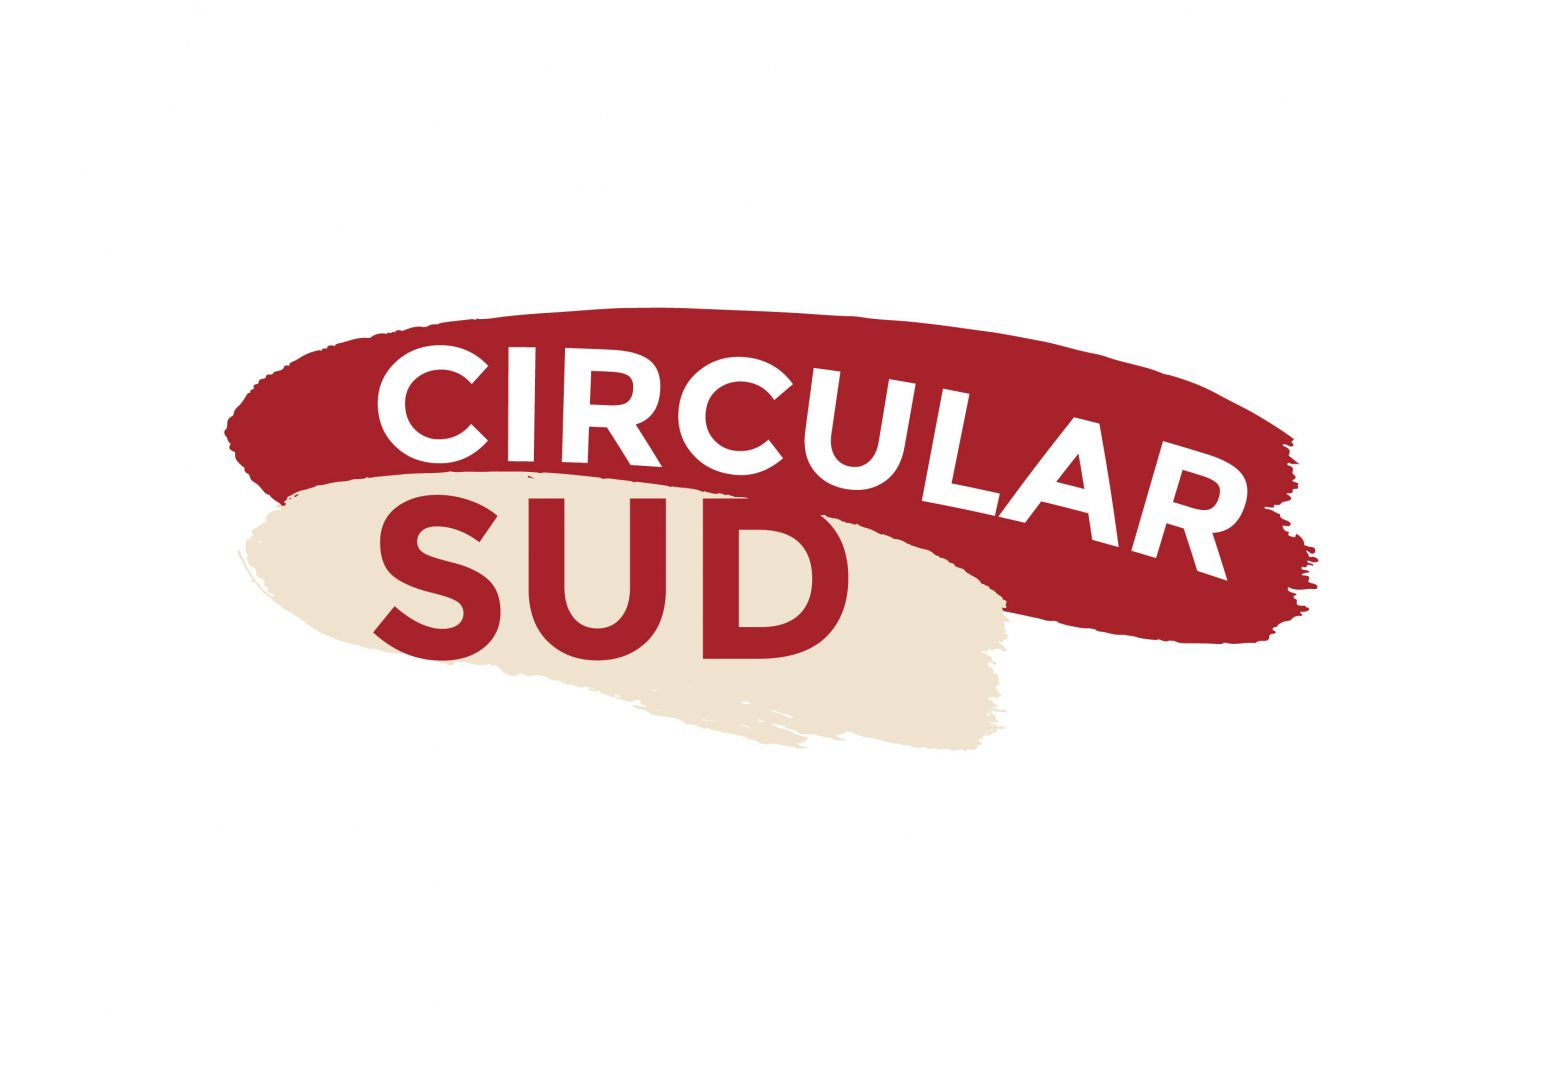 CircularSud